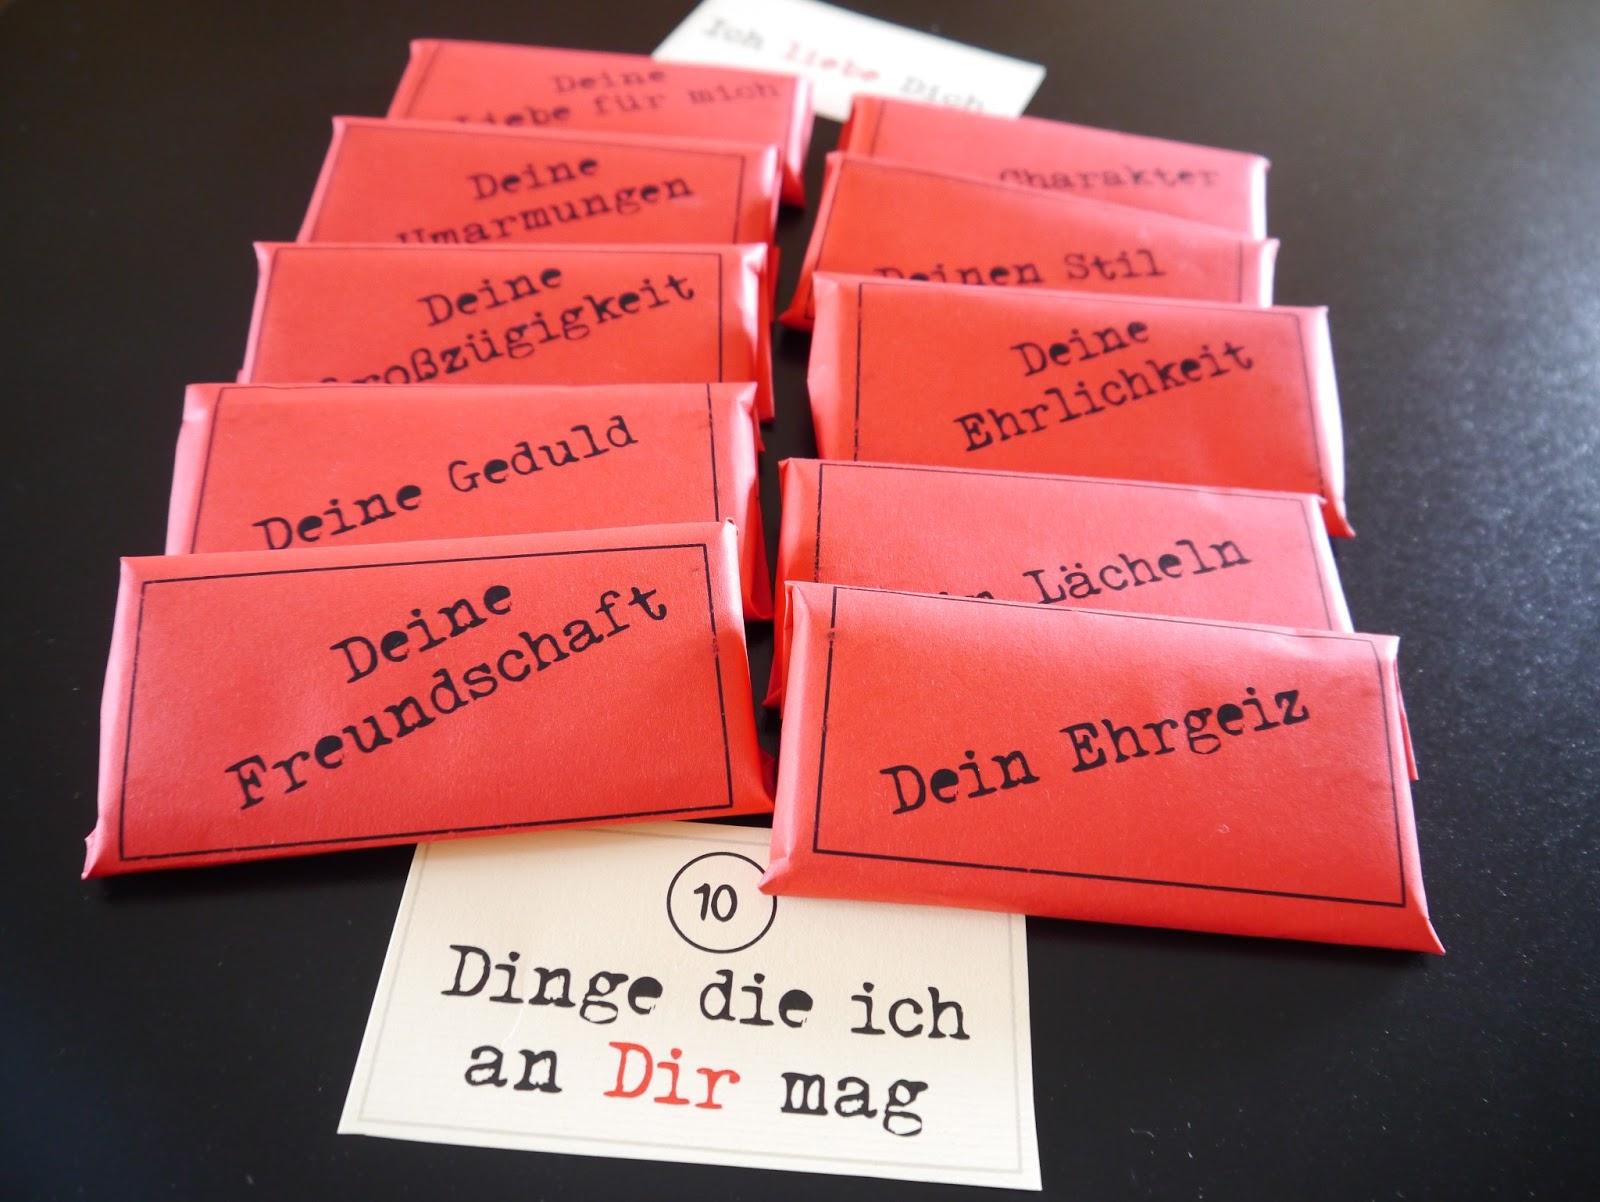 Und Fertig Ist Die Süße Aufmerksamkeit Zum Valentinstag. Habe Jeweils 5  Schokoladentafeln Mit Einer Karte Zusammengefasst Und Mit Masking Tape  Fixiert.